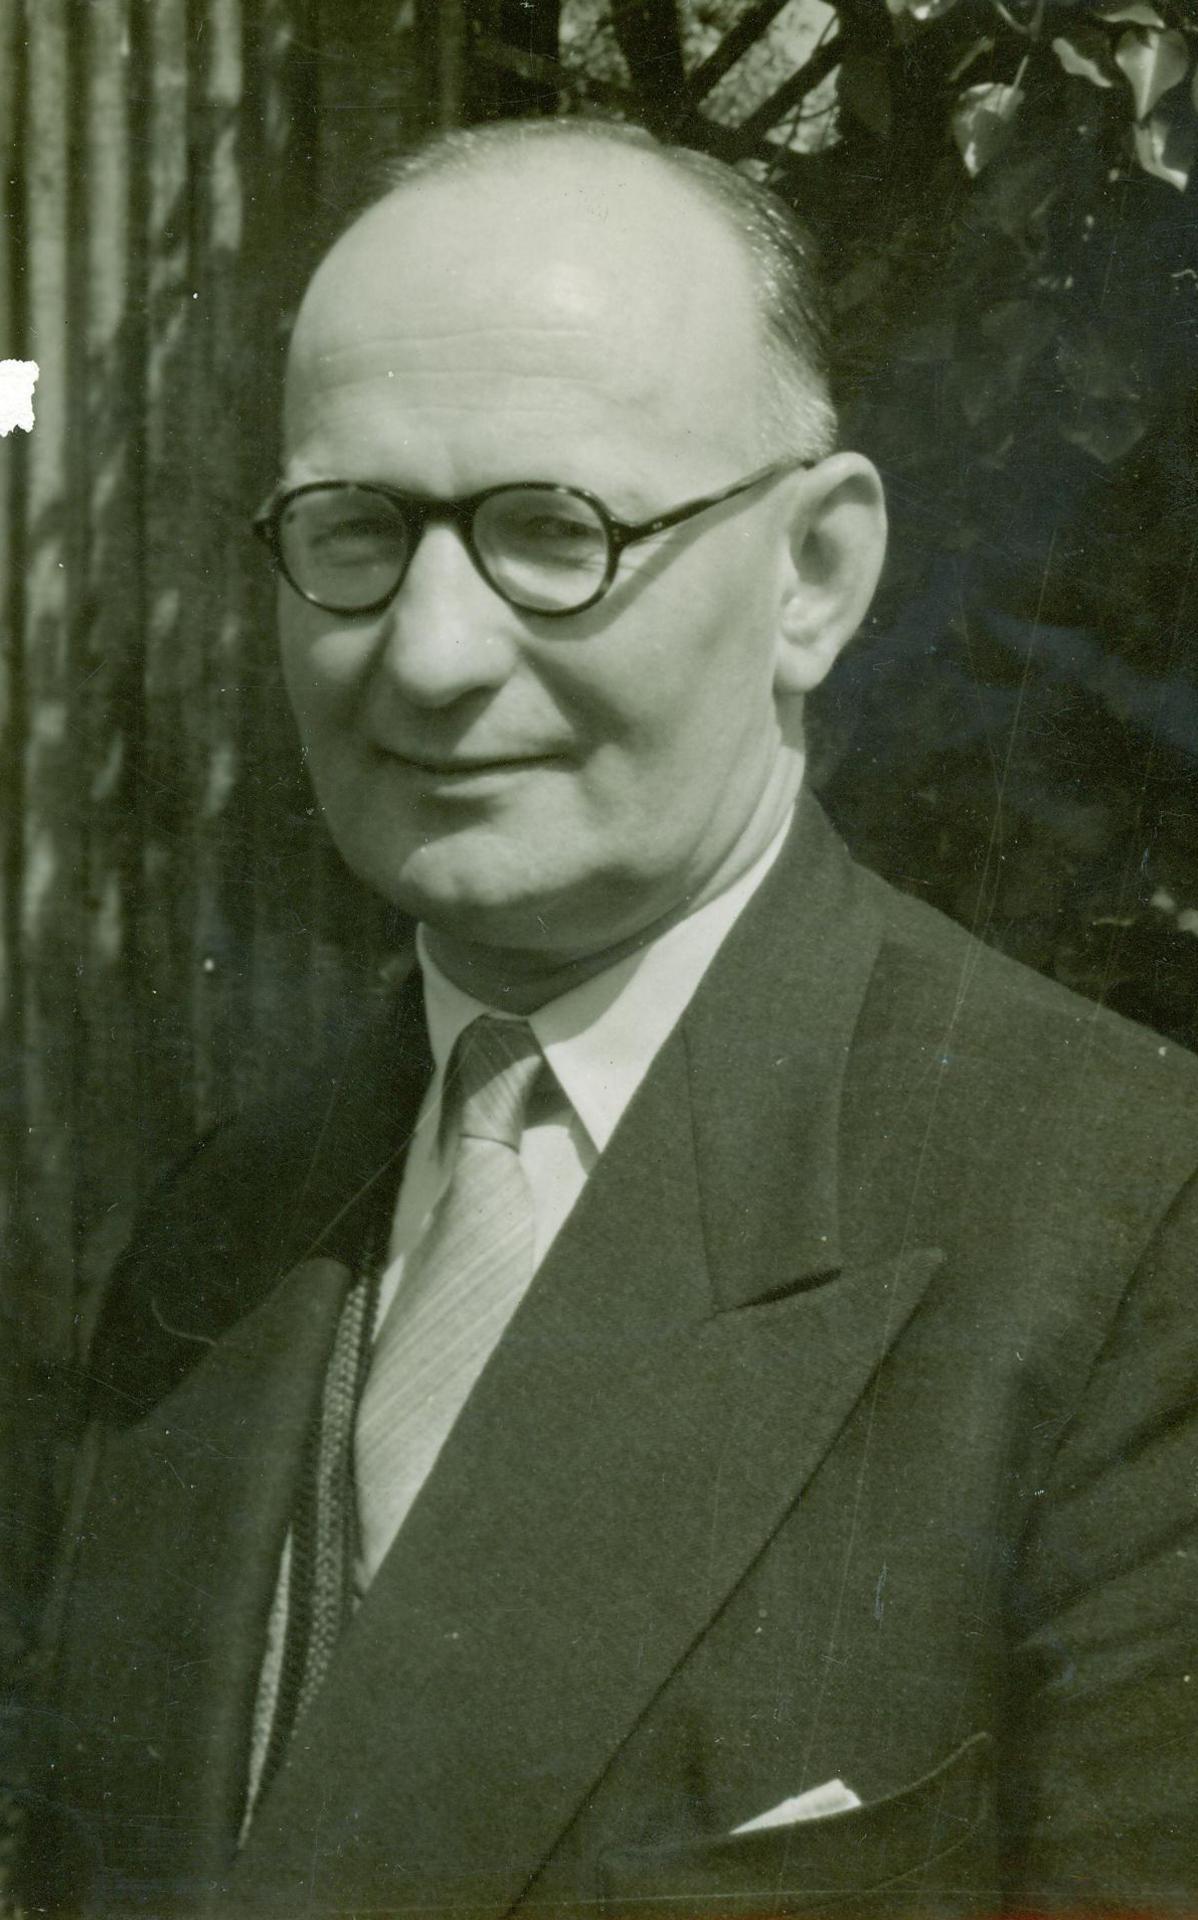 F. William Oates